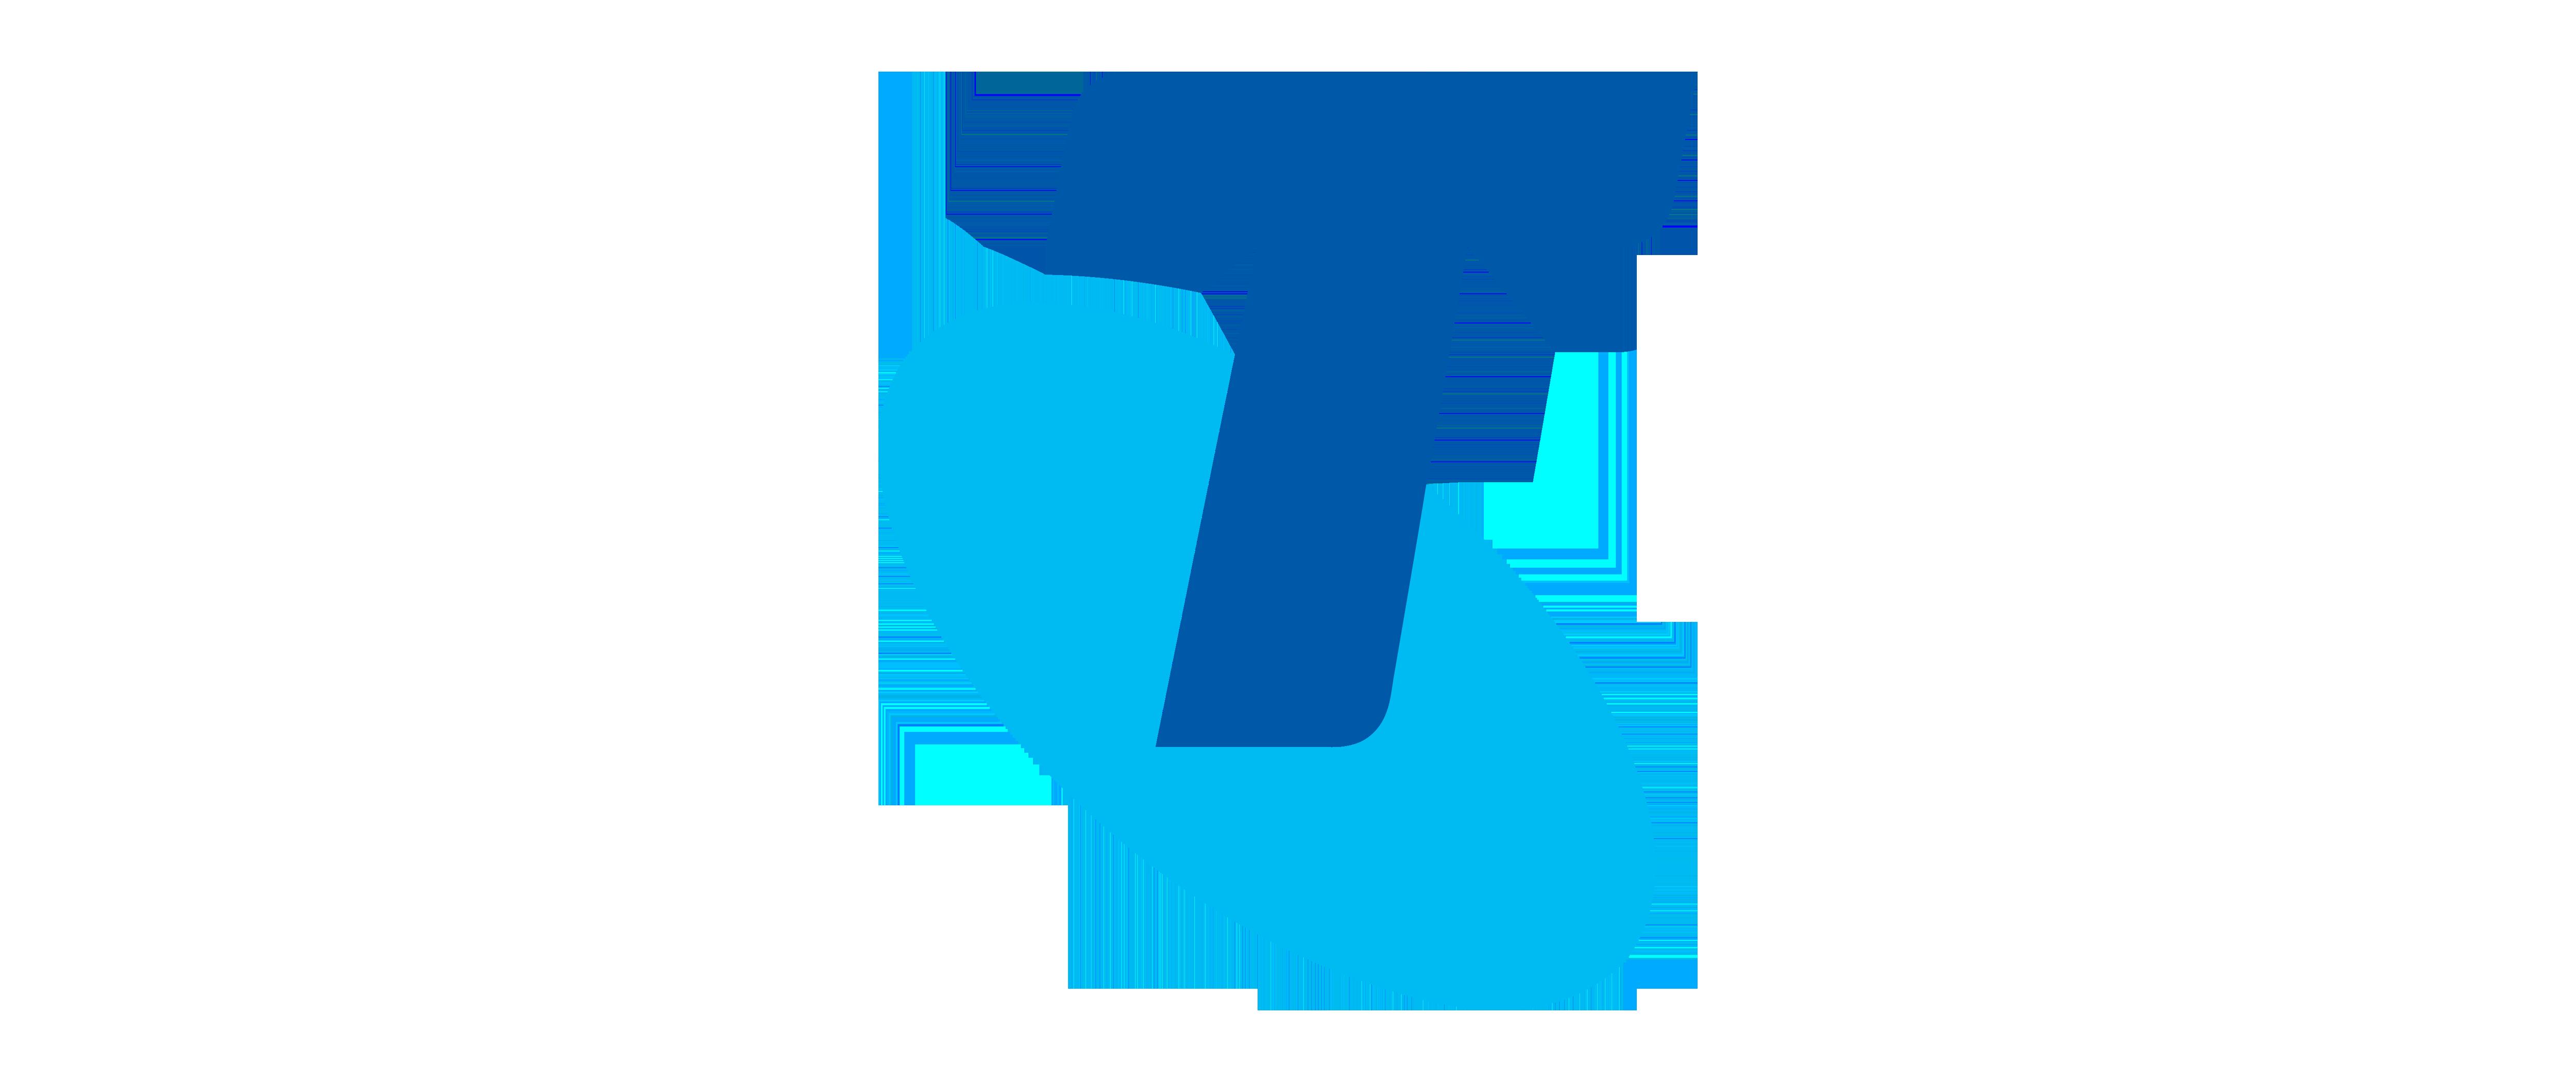 Telstra_logo_